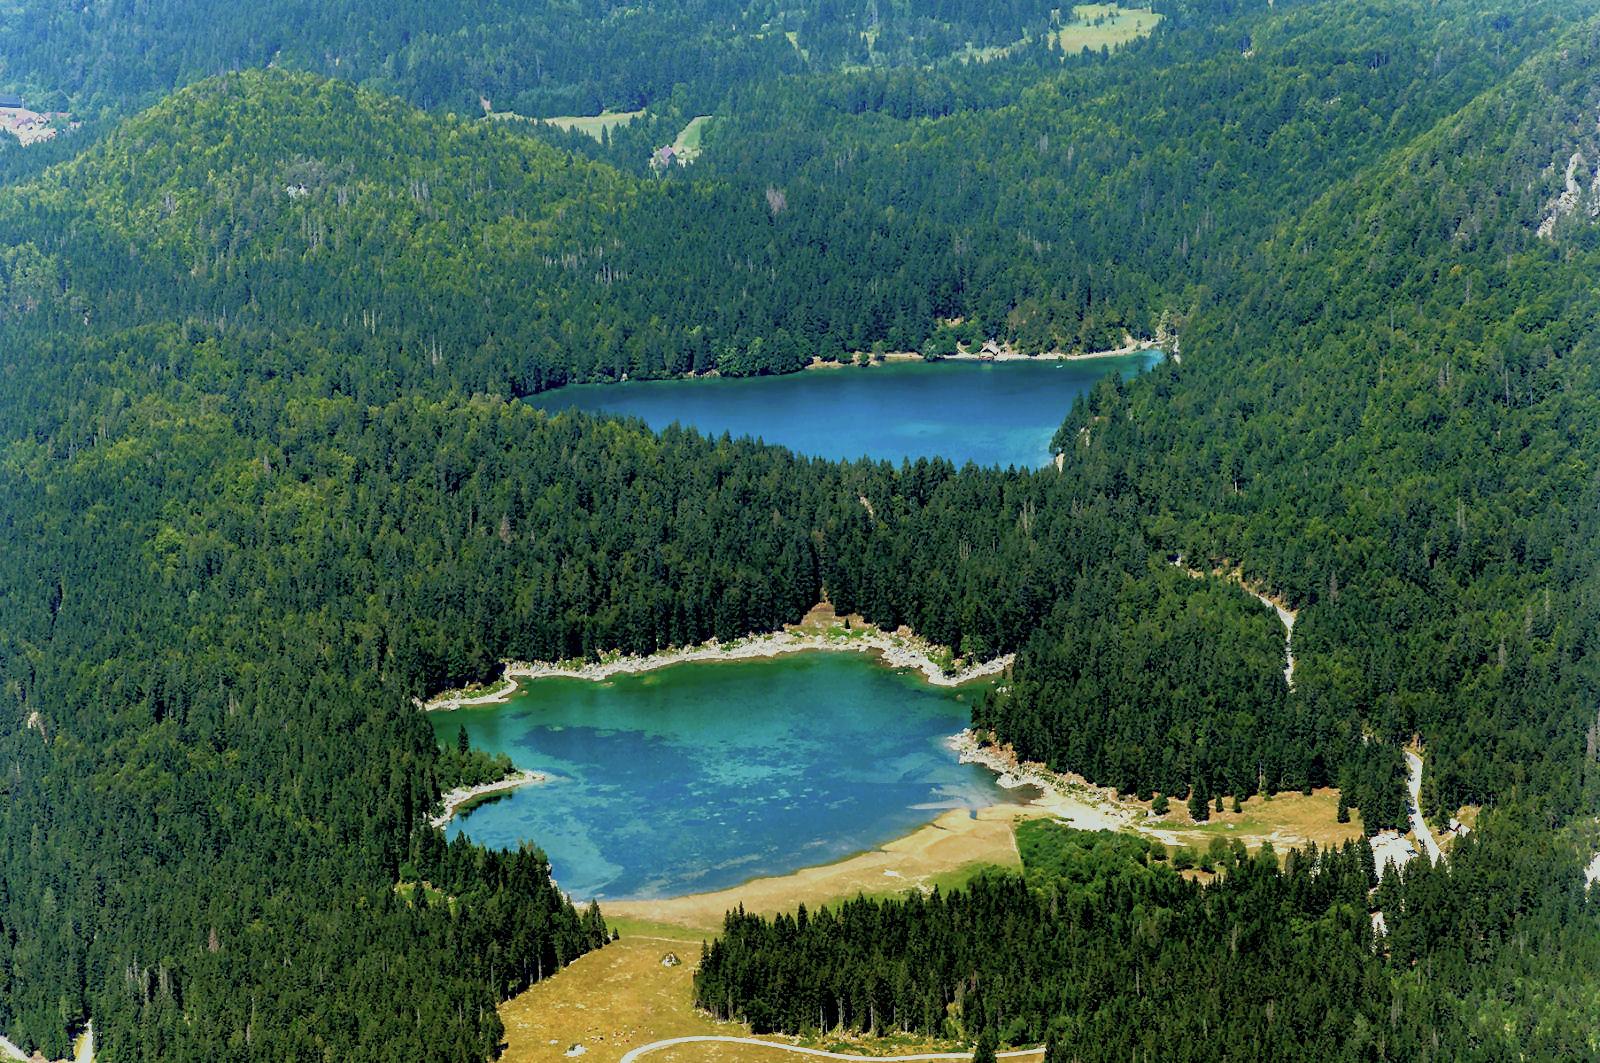 Laghi di Fusine in Valromana (Tarvisio)